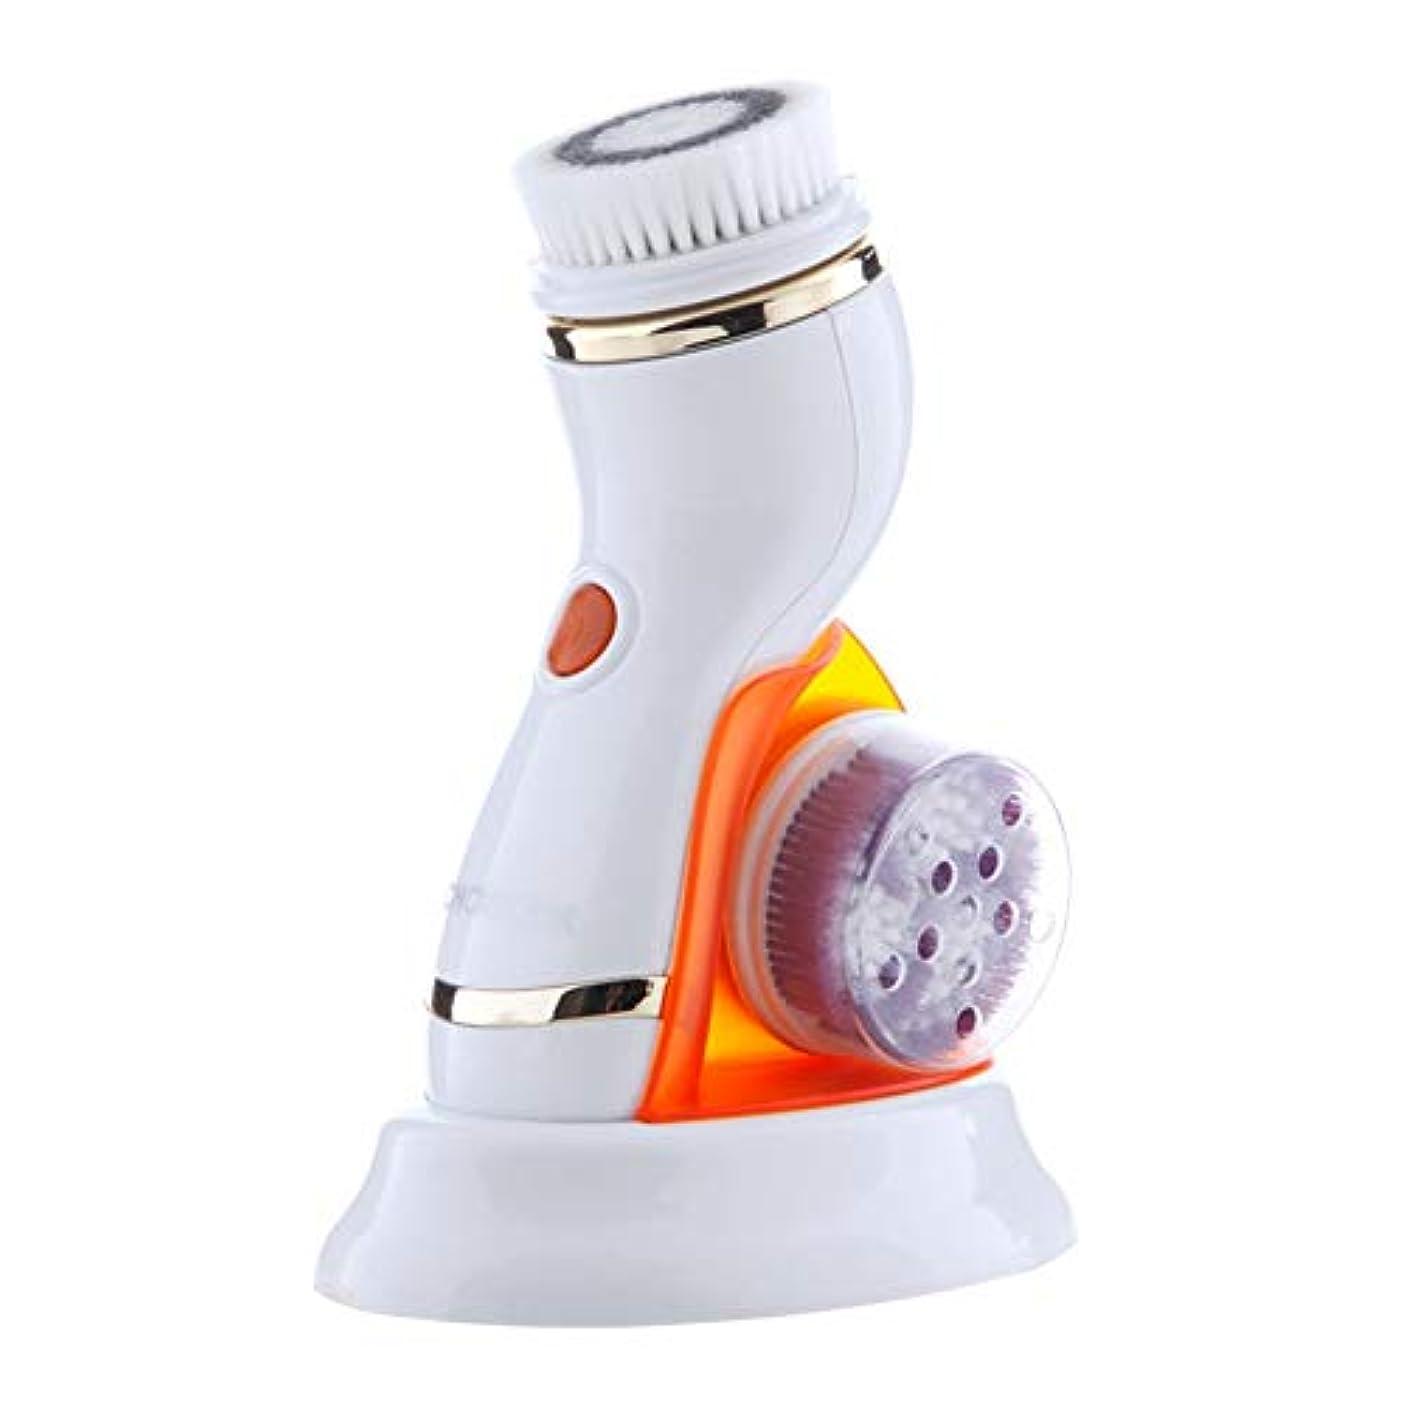 校長お嬢許さないZHILI 洗顔ブラシ、電気洗顔料洗顔ブラシ洗顔ブラシ洗顔ポアクリーナー (Color : Orange)